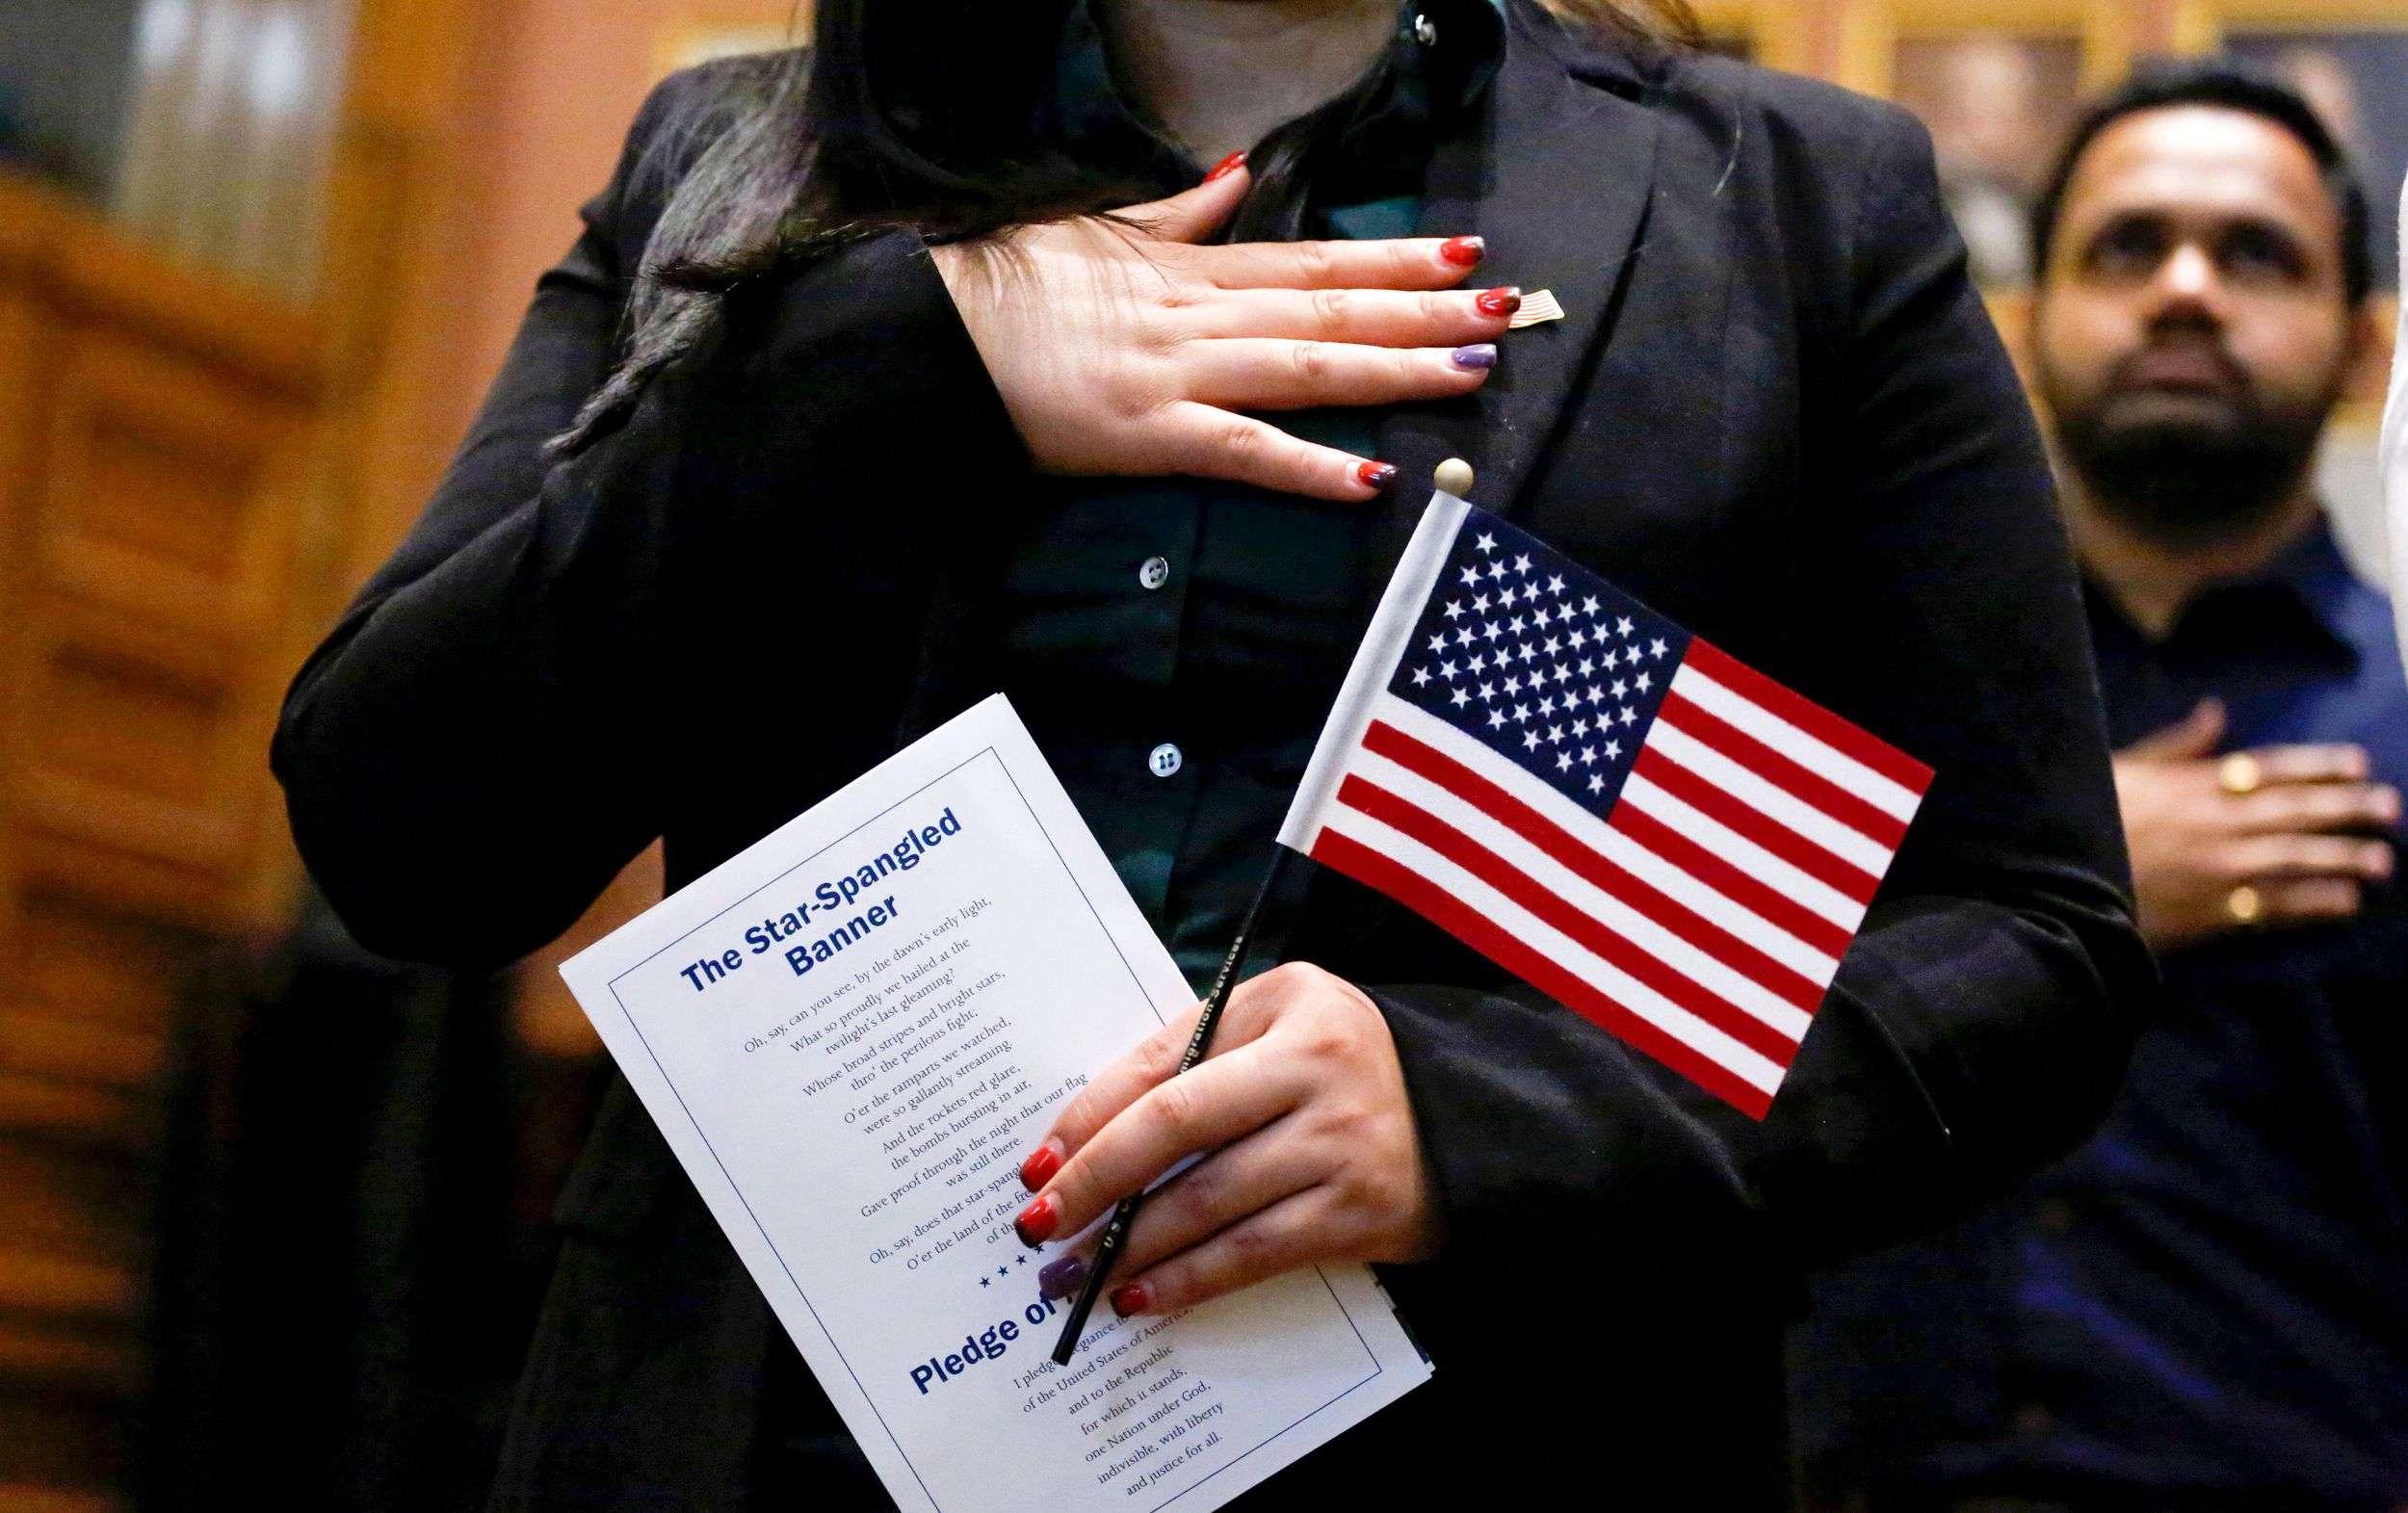 Lažno ste se predstavili kao državljanin Amerike da biste dobili posao? Evo šta možete uraditi ako je ovo vaš slučaj